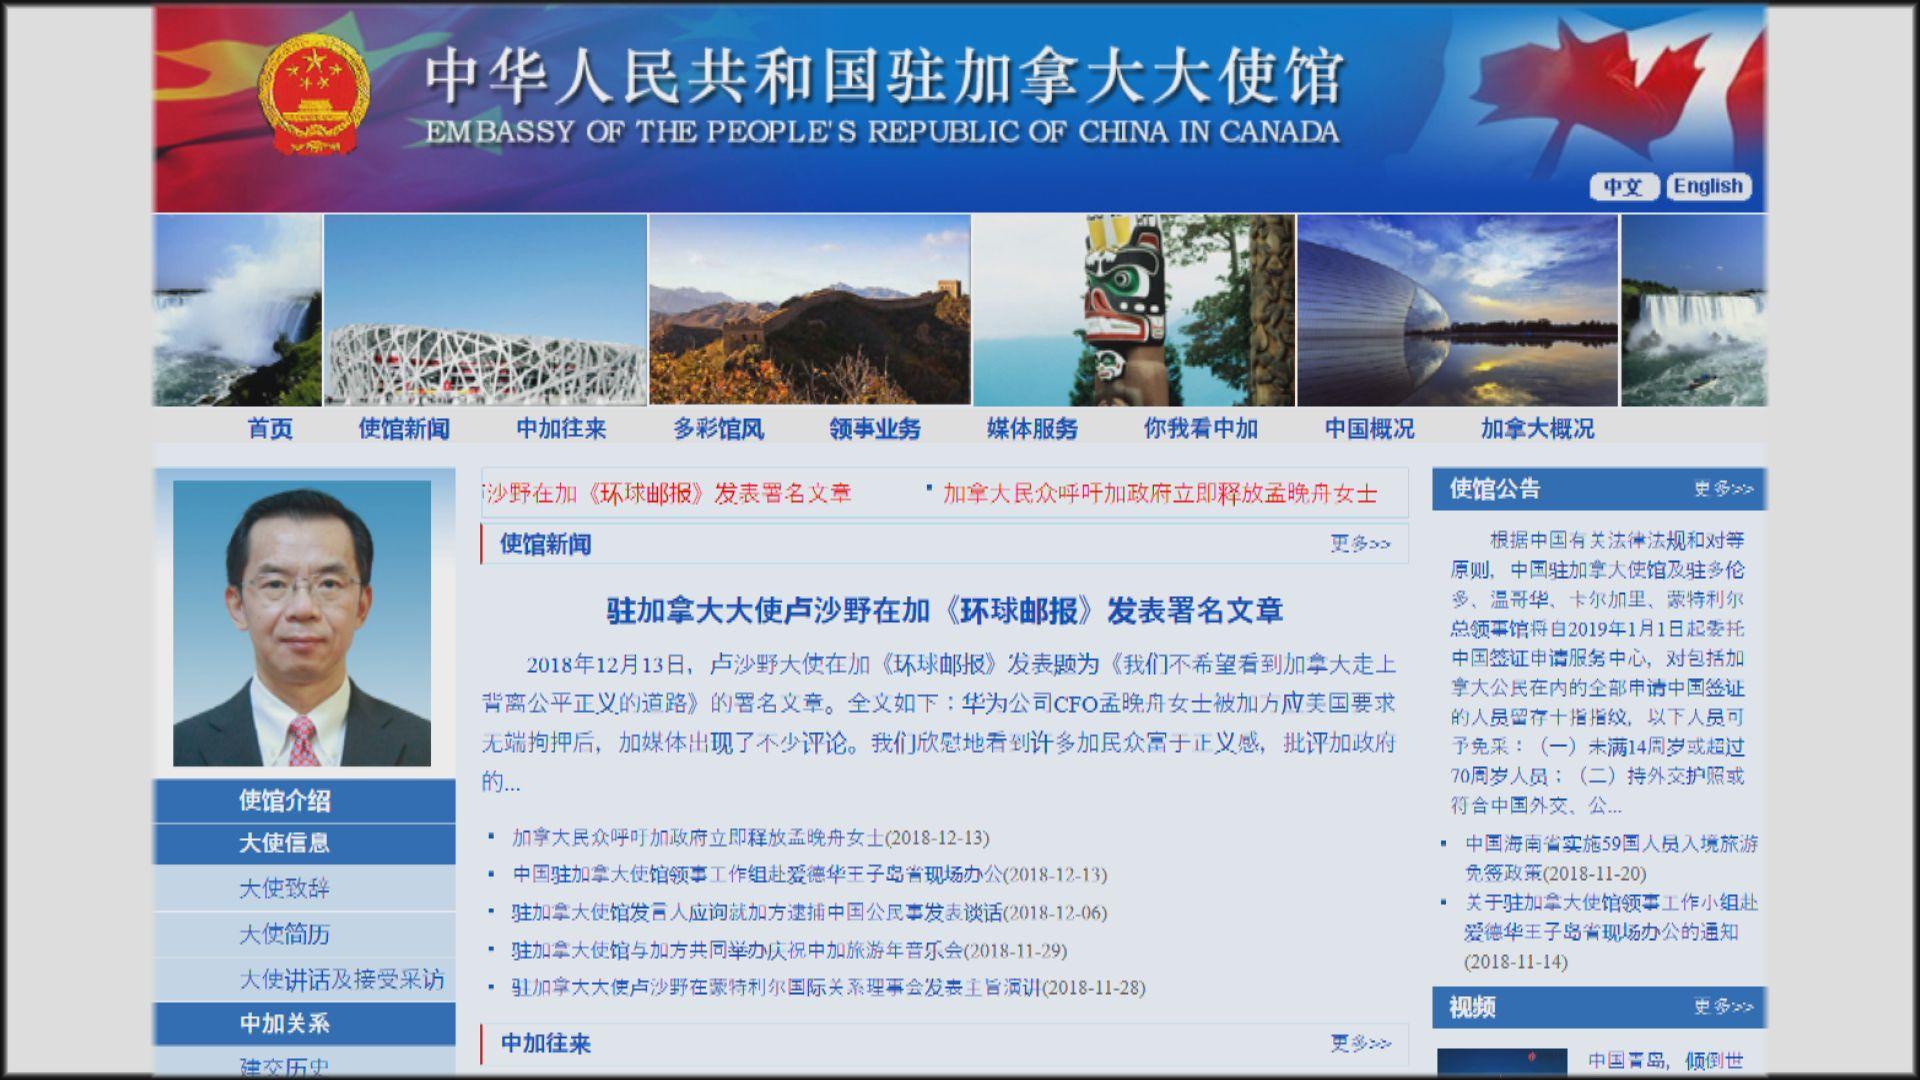 中國駐加大使批孟晚舟事件是美國有預謀政治追殺